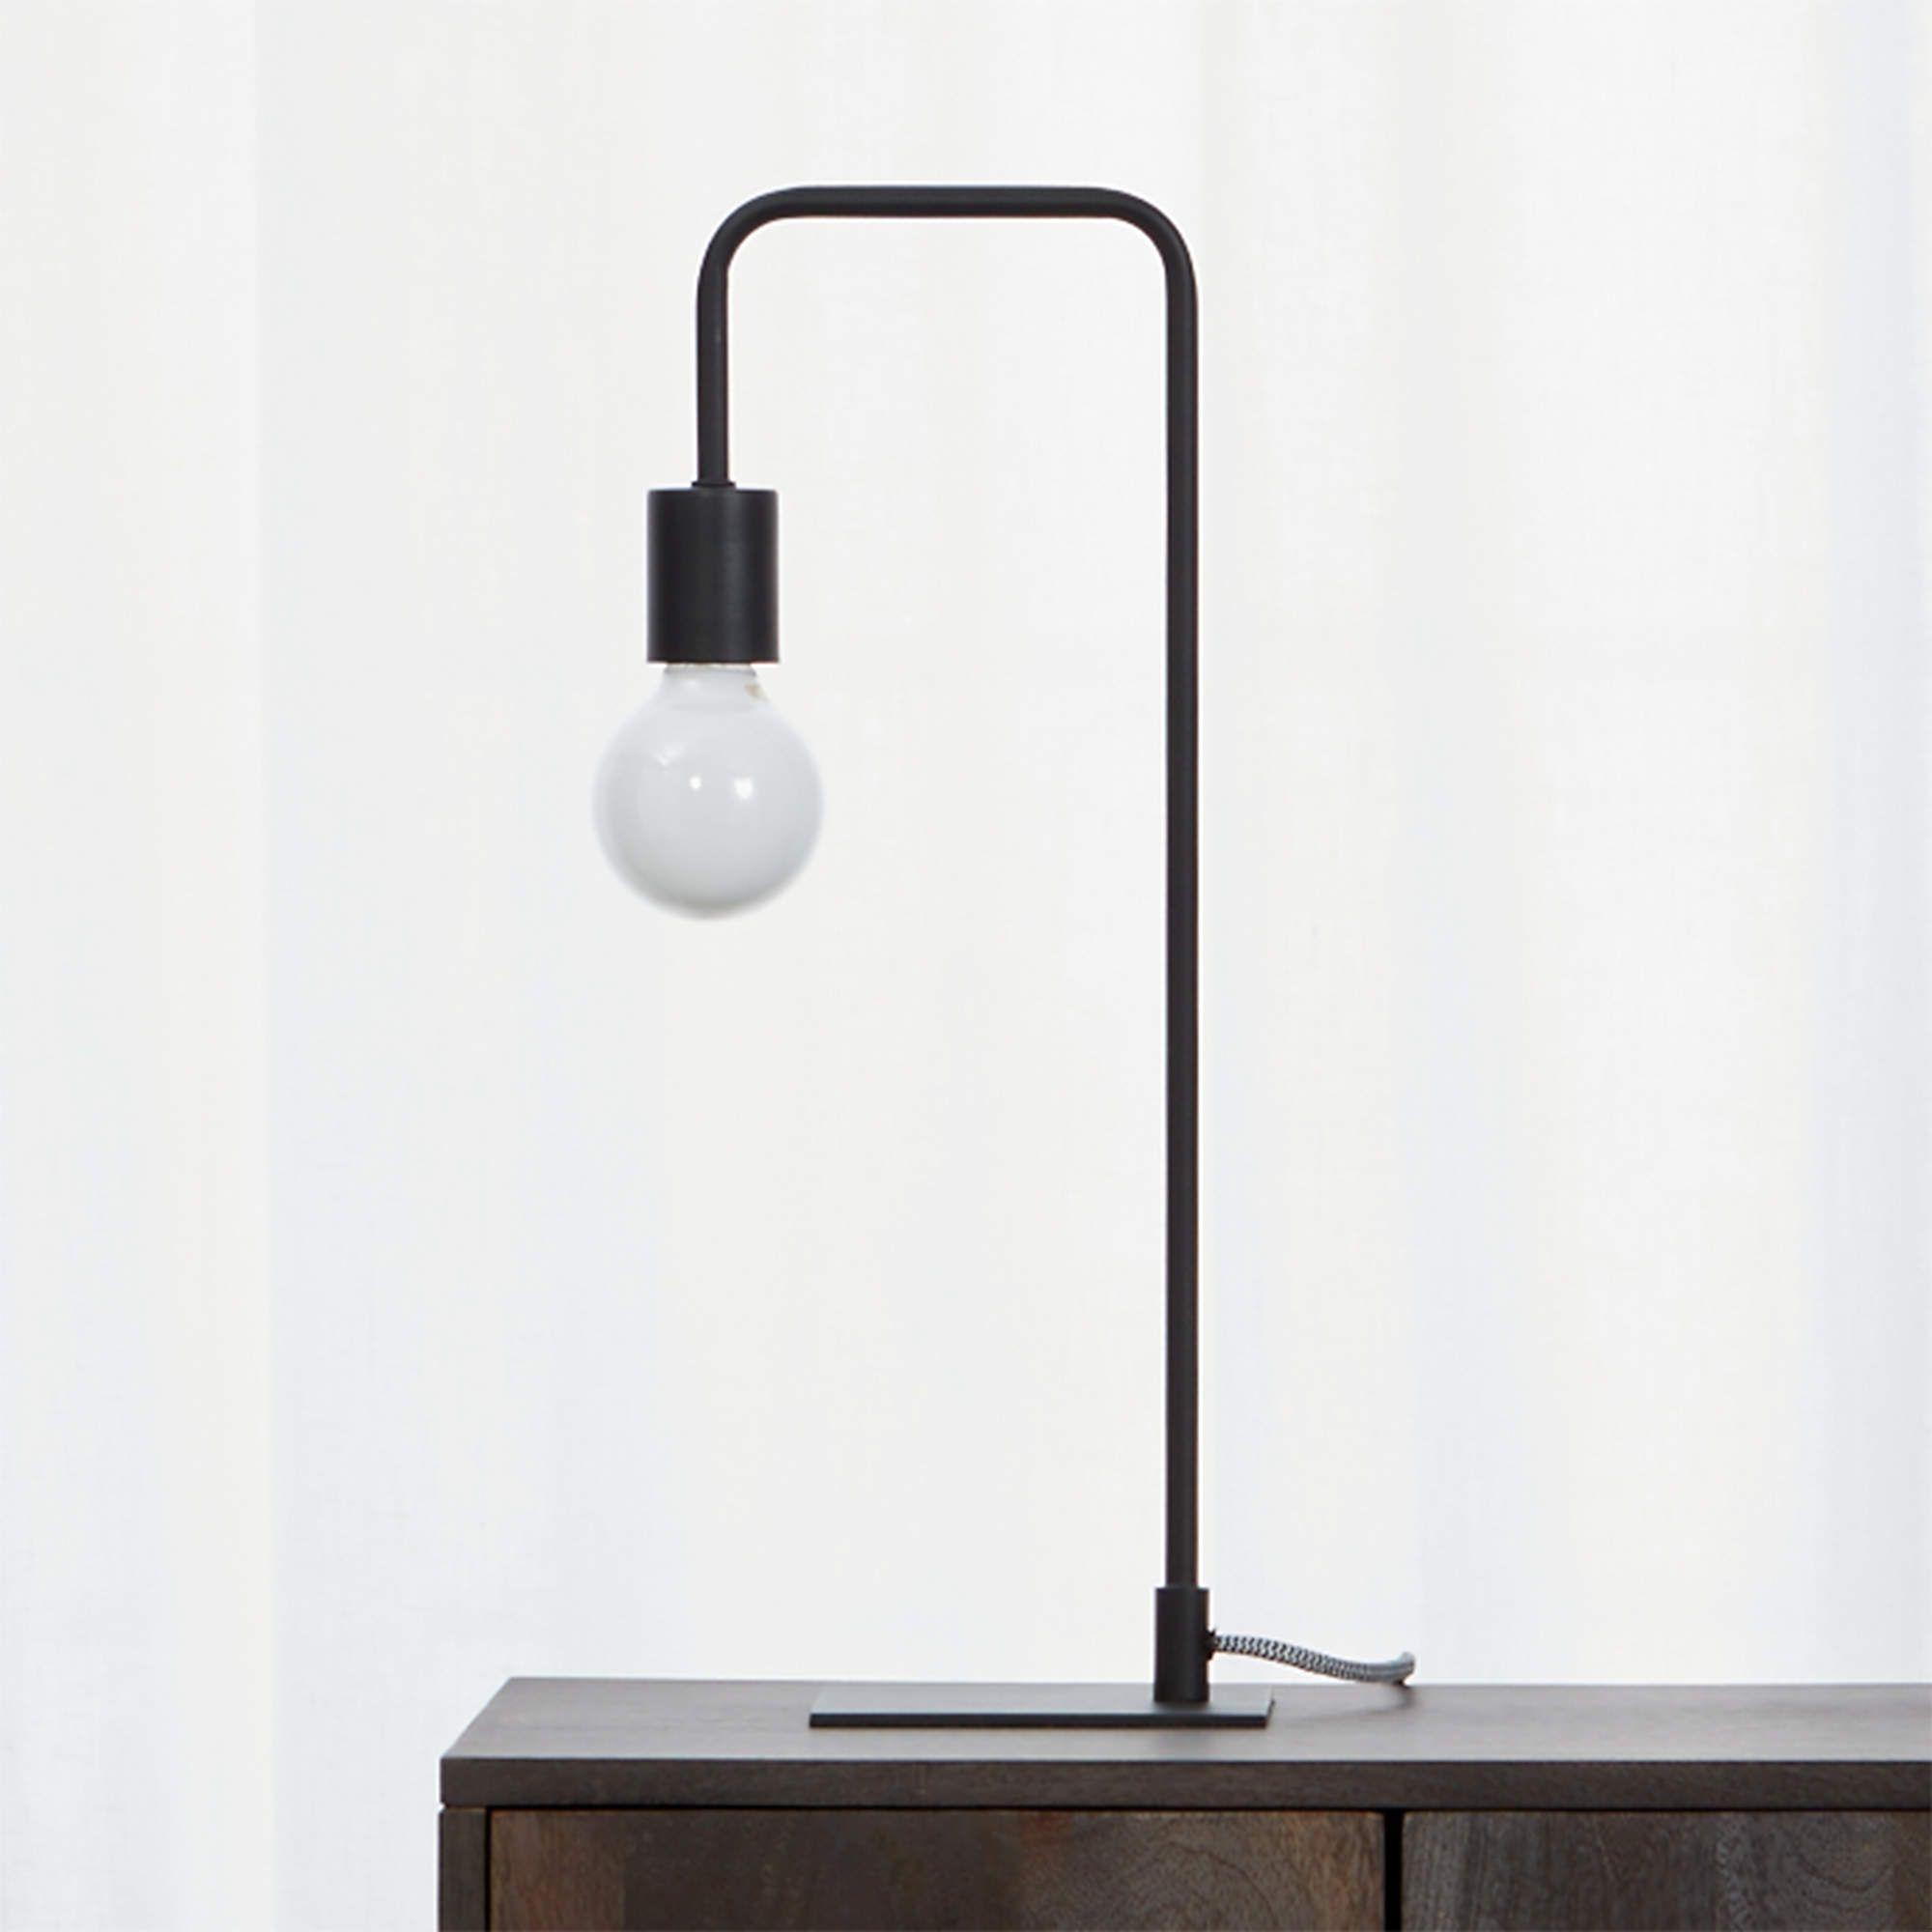 Minimal black table lamp